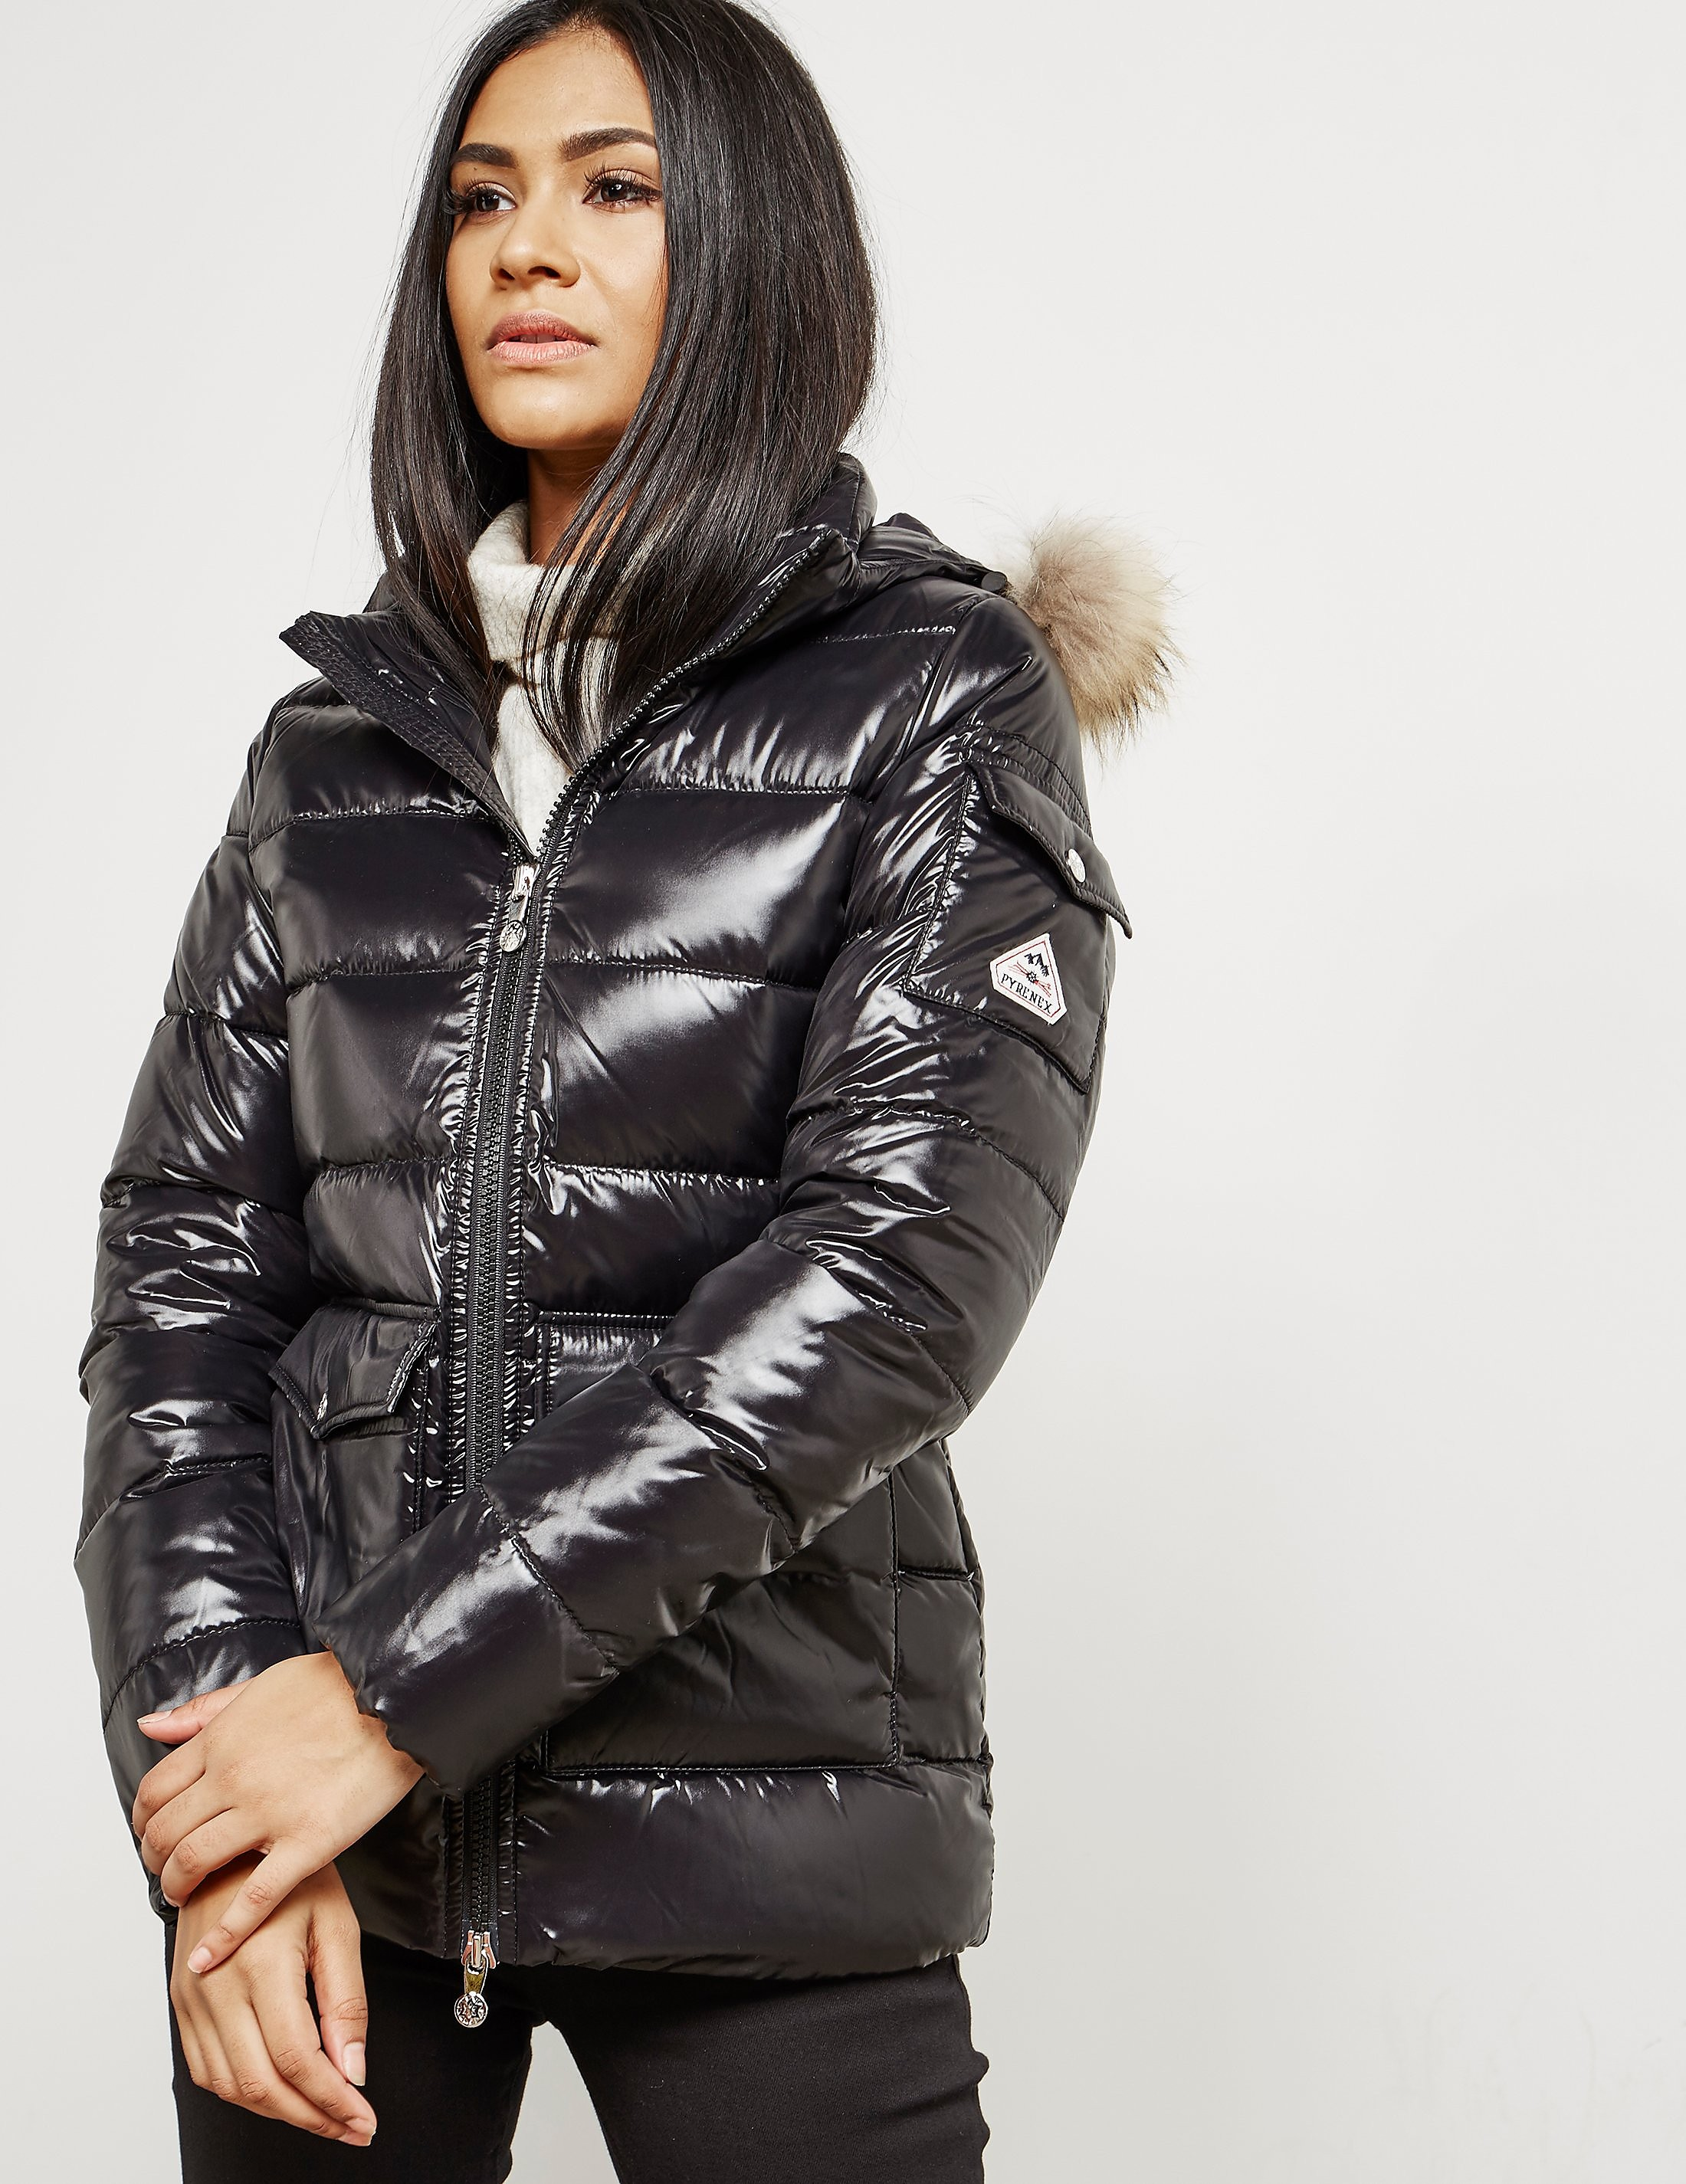 Pyrenex Authentic Padded Shiny Jacket